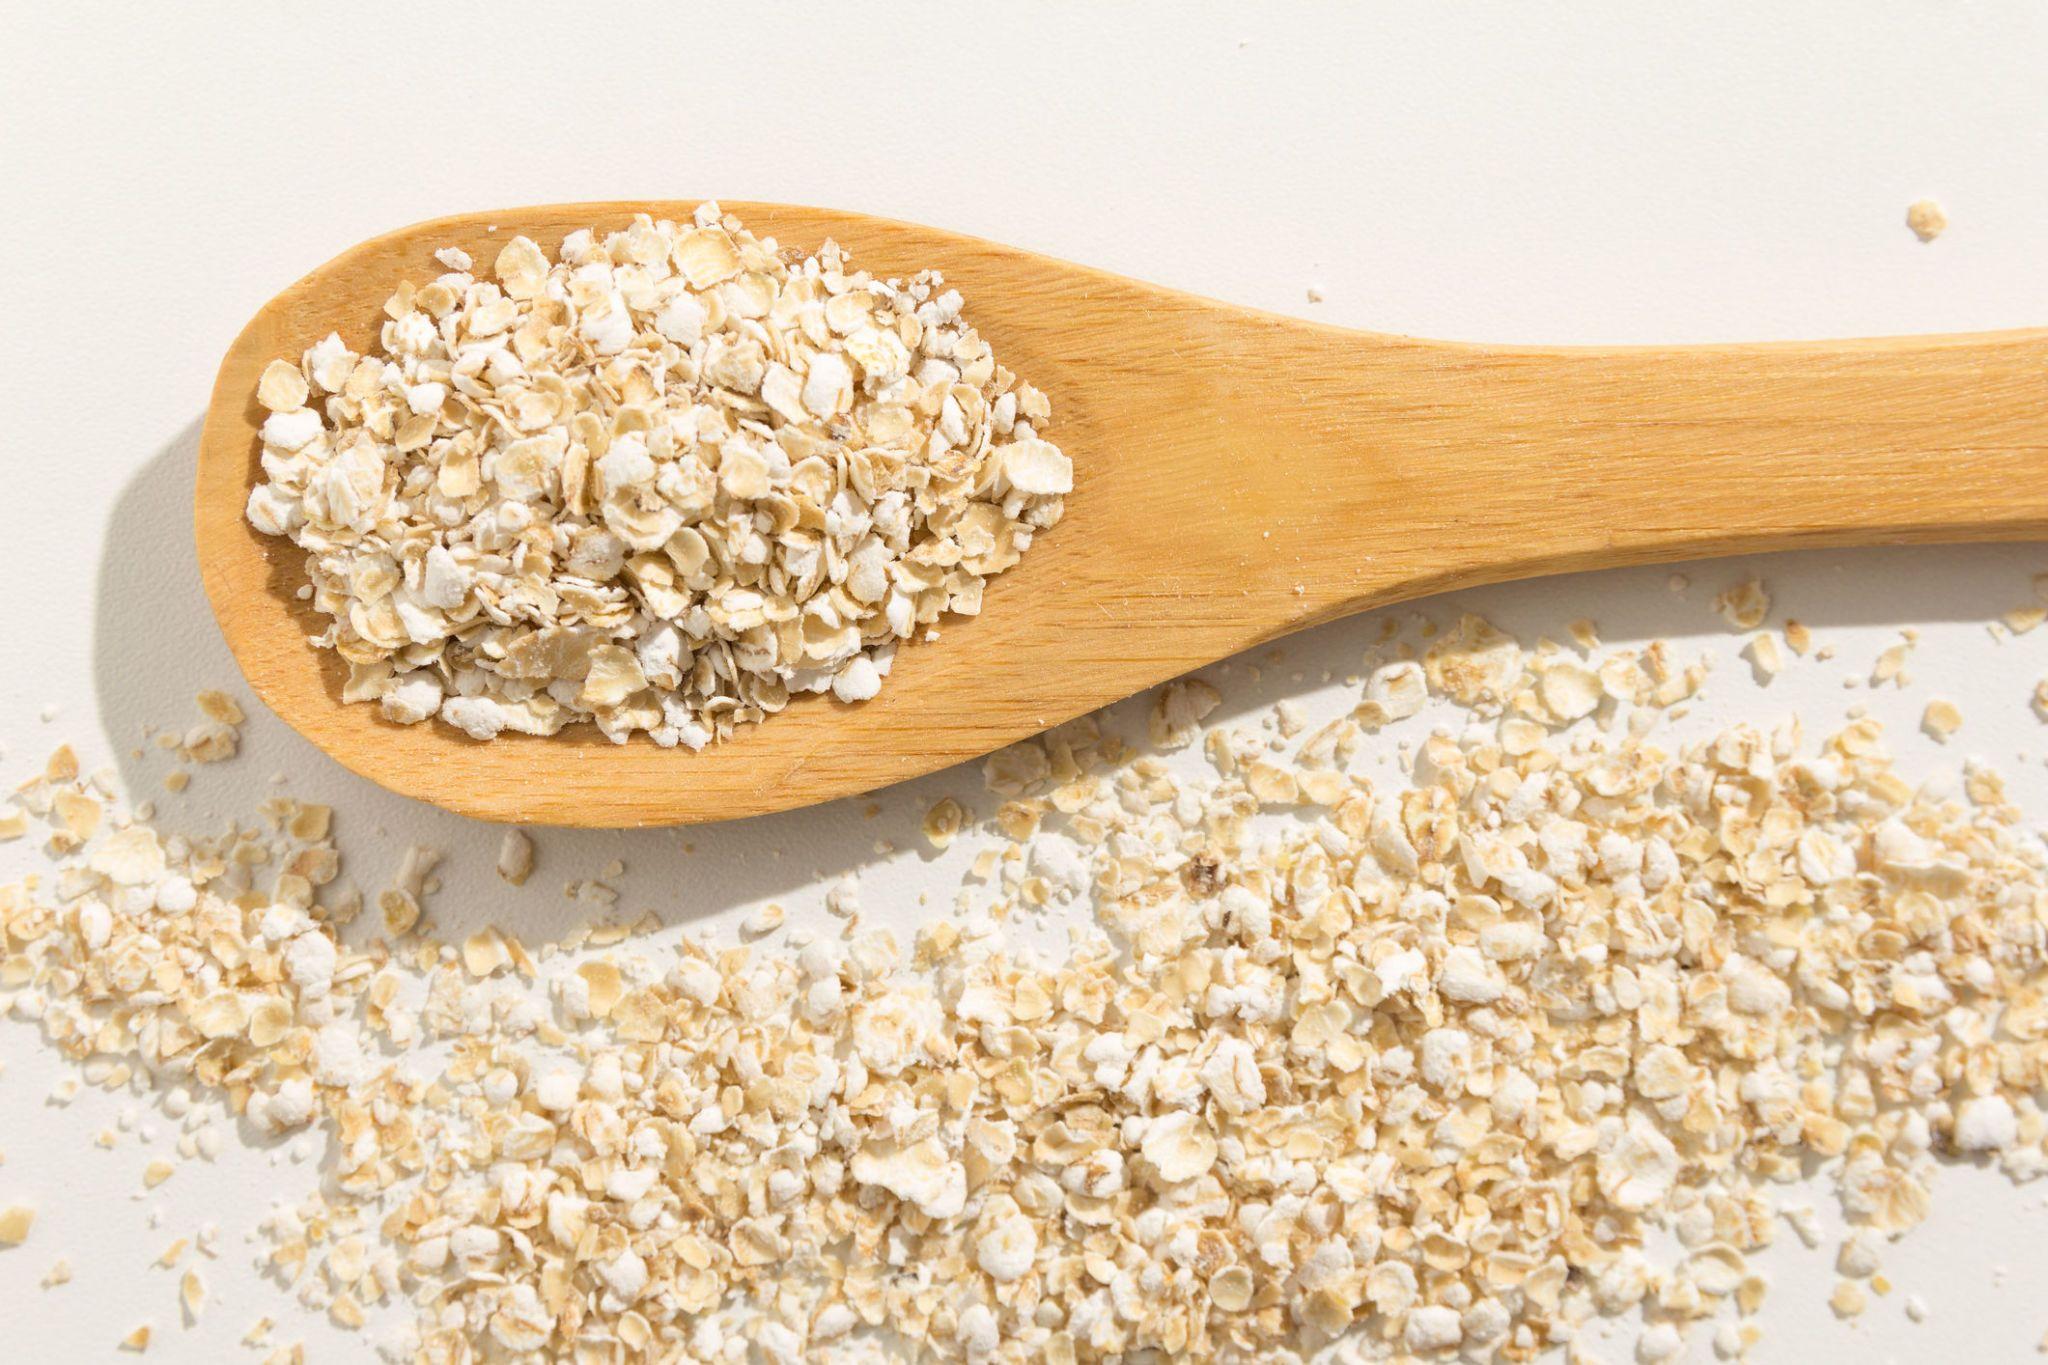 come assumere farina davena e semi di lino per perdere peso